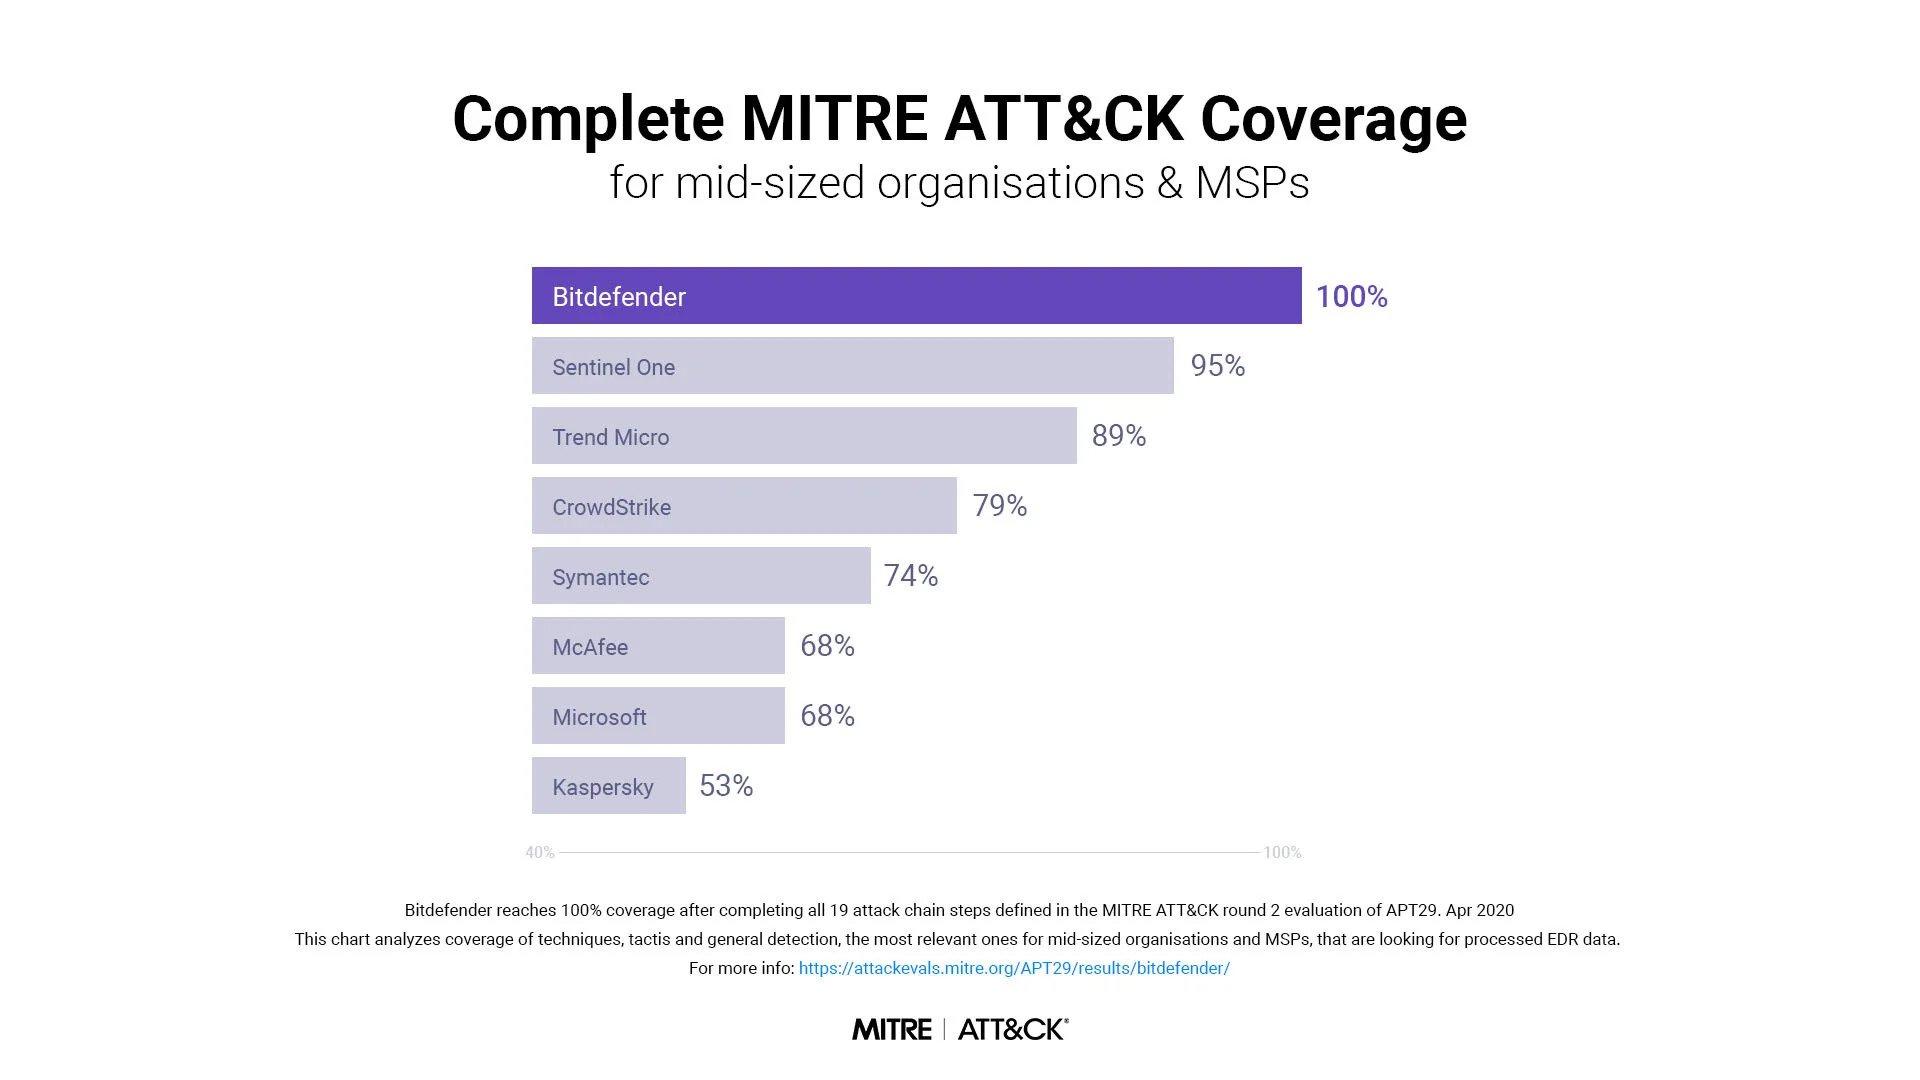 BITDEFENDER ได้รับคะแนนการตรวจจับสูงสุดในการประเมิน MITER ATT&CK® สำหรับองค์กร